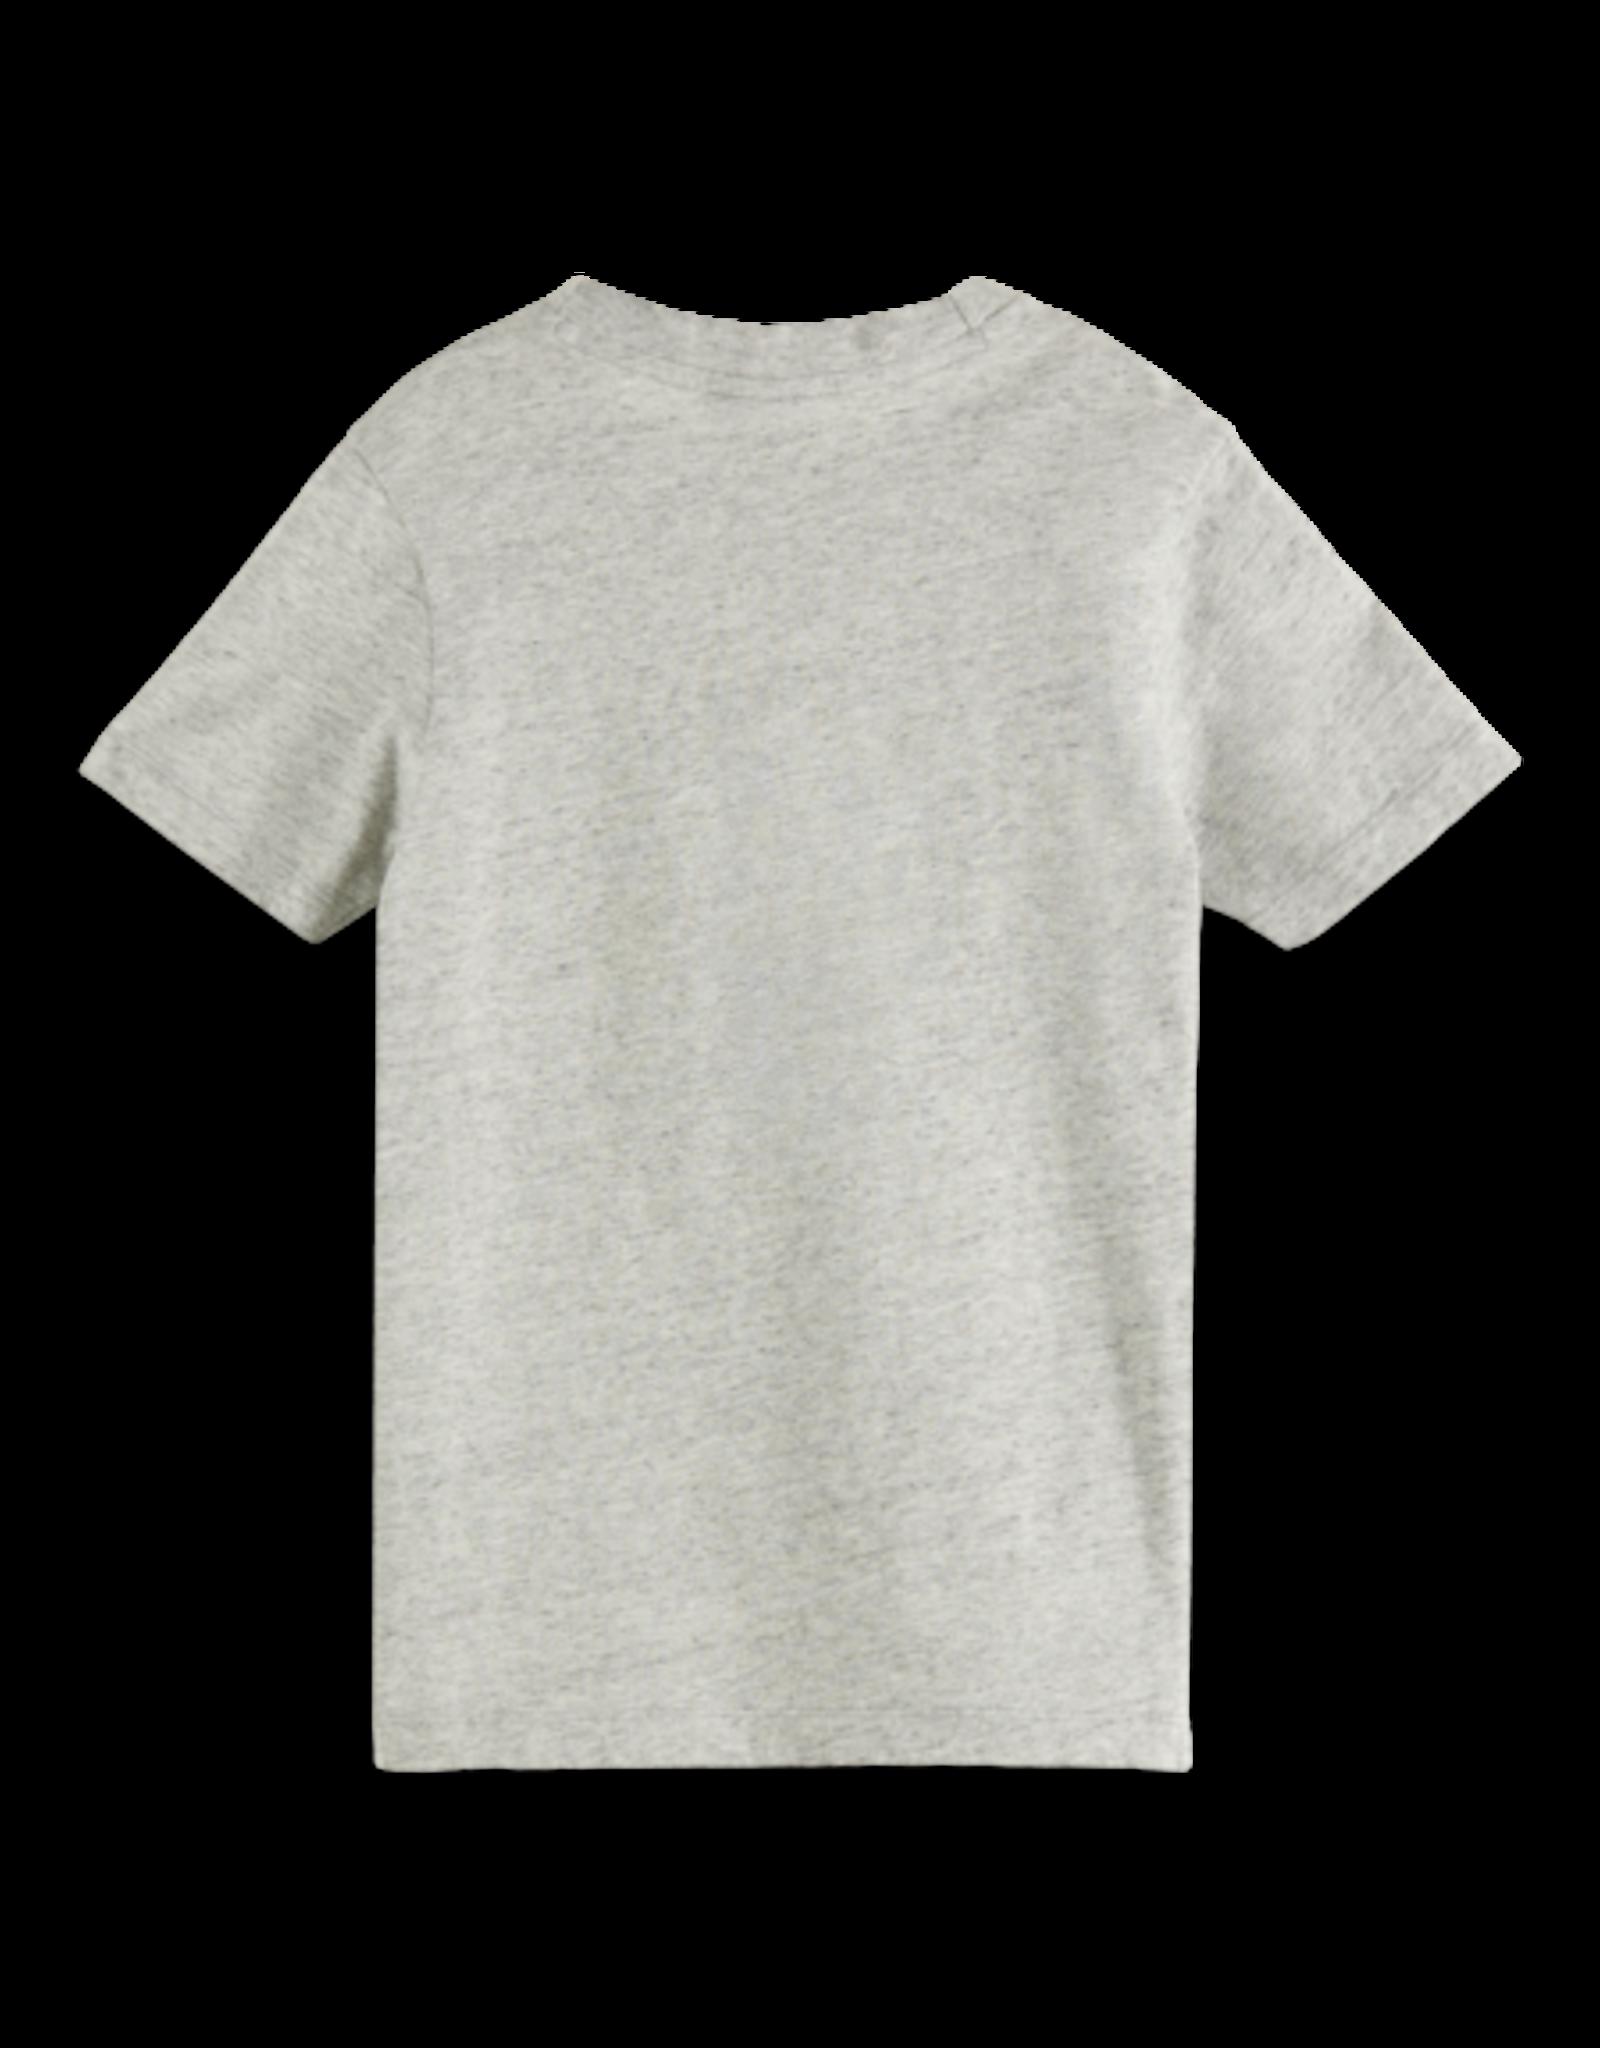 Scotch & Soda Scotch Shrunk grijs gemêleerd t-shirt met logo in roodtinten